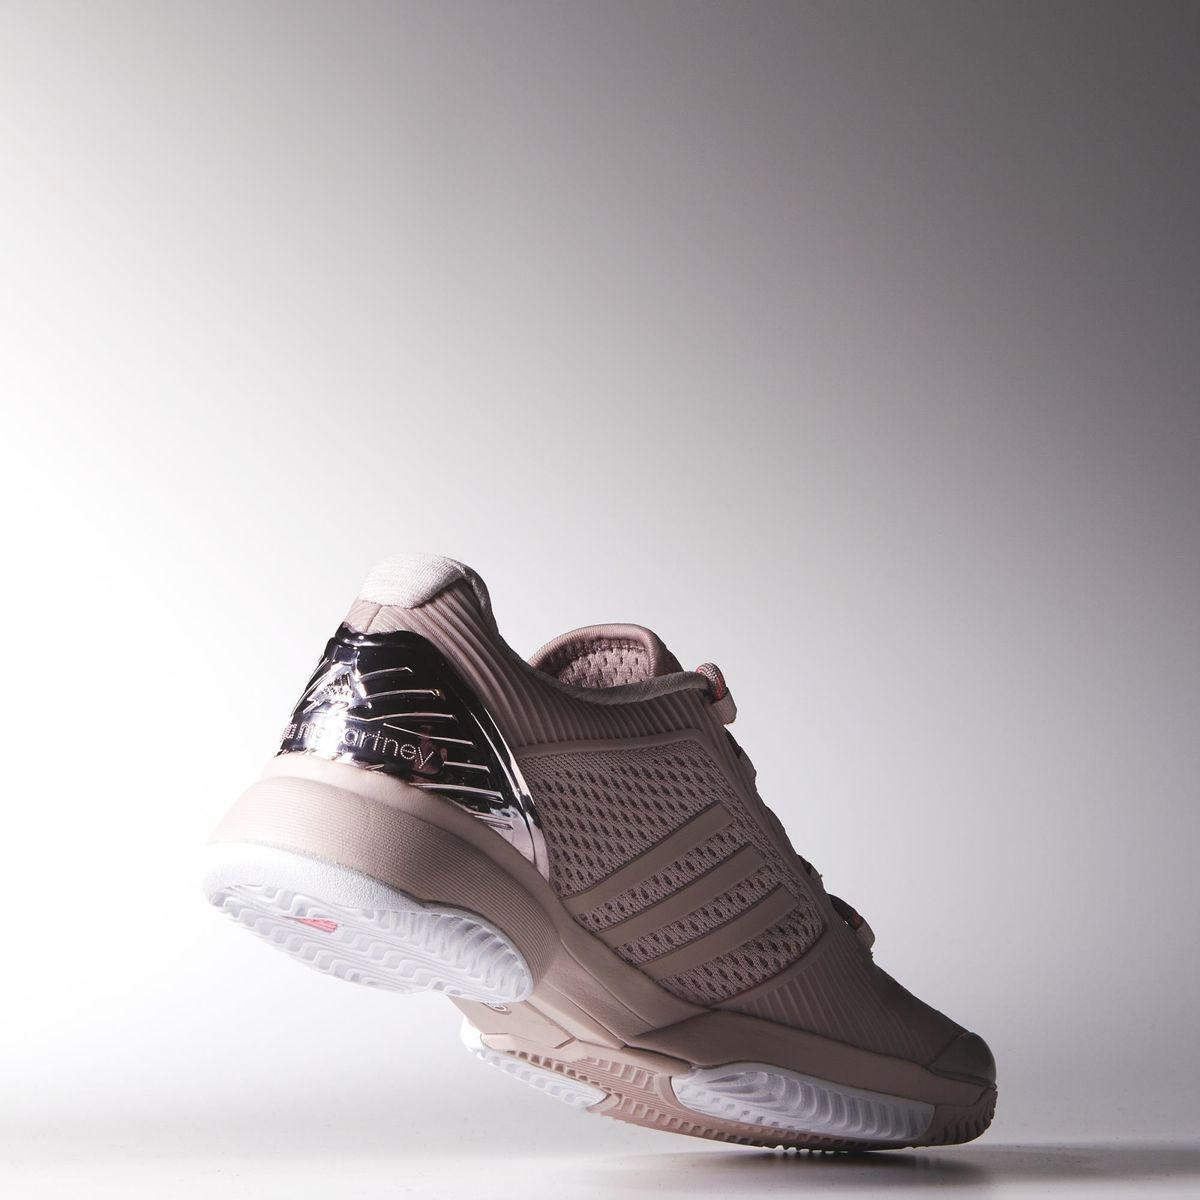 Adidas Dames Barricade Stella Mccartney Chaussure De Tennis 9MDsGM